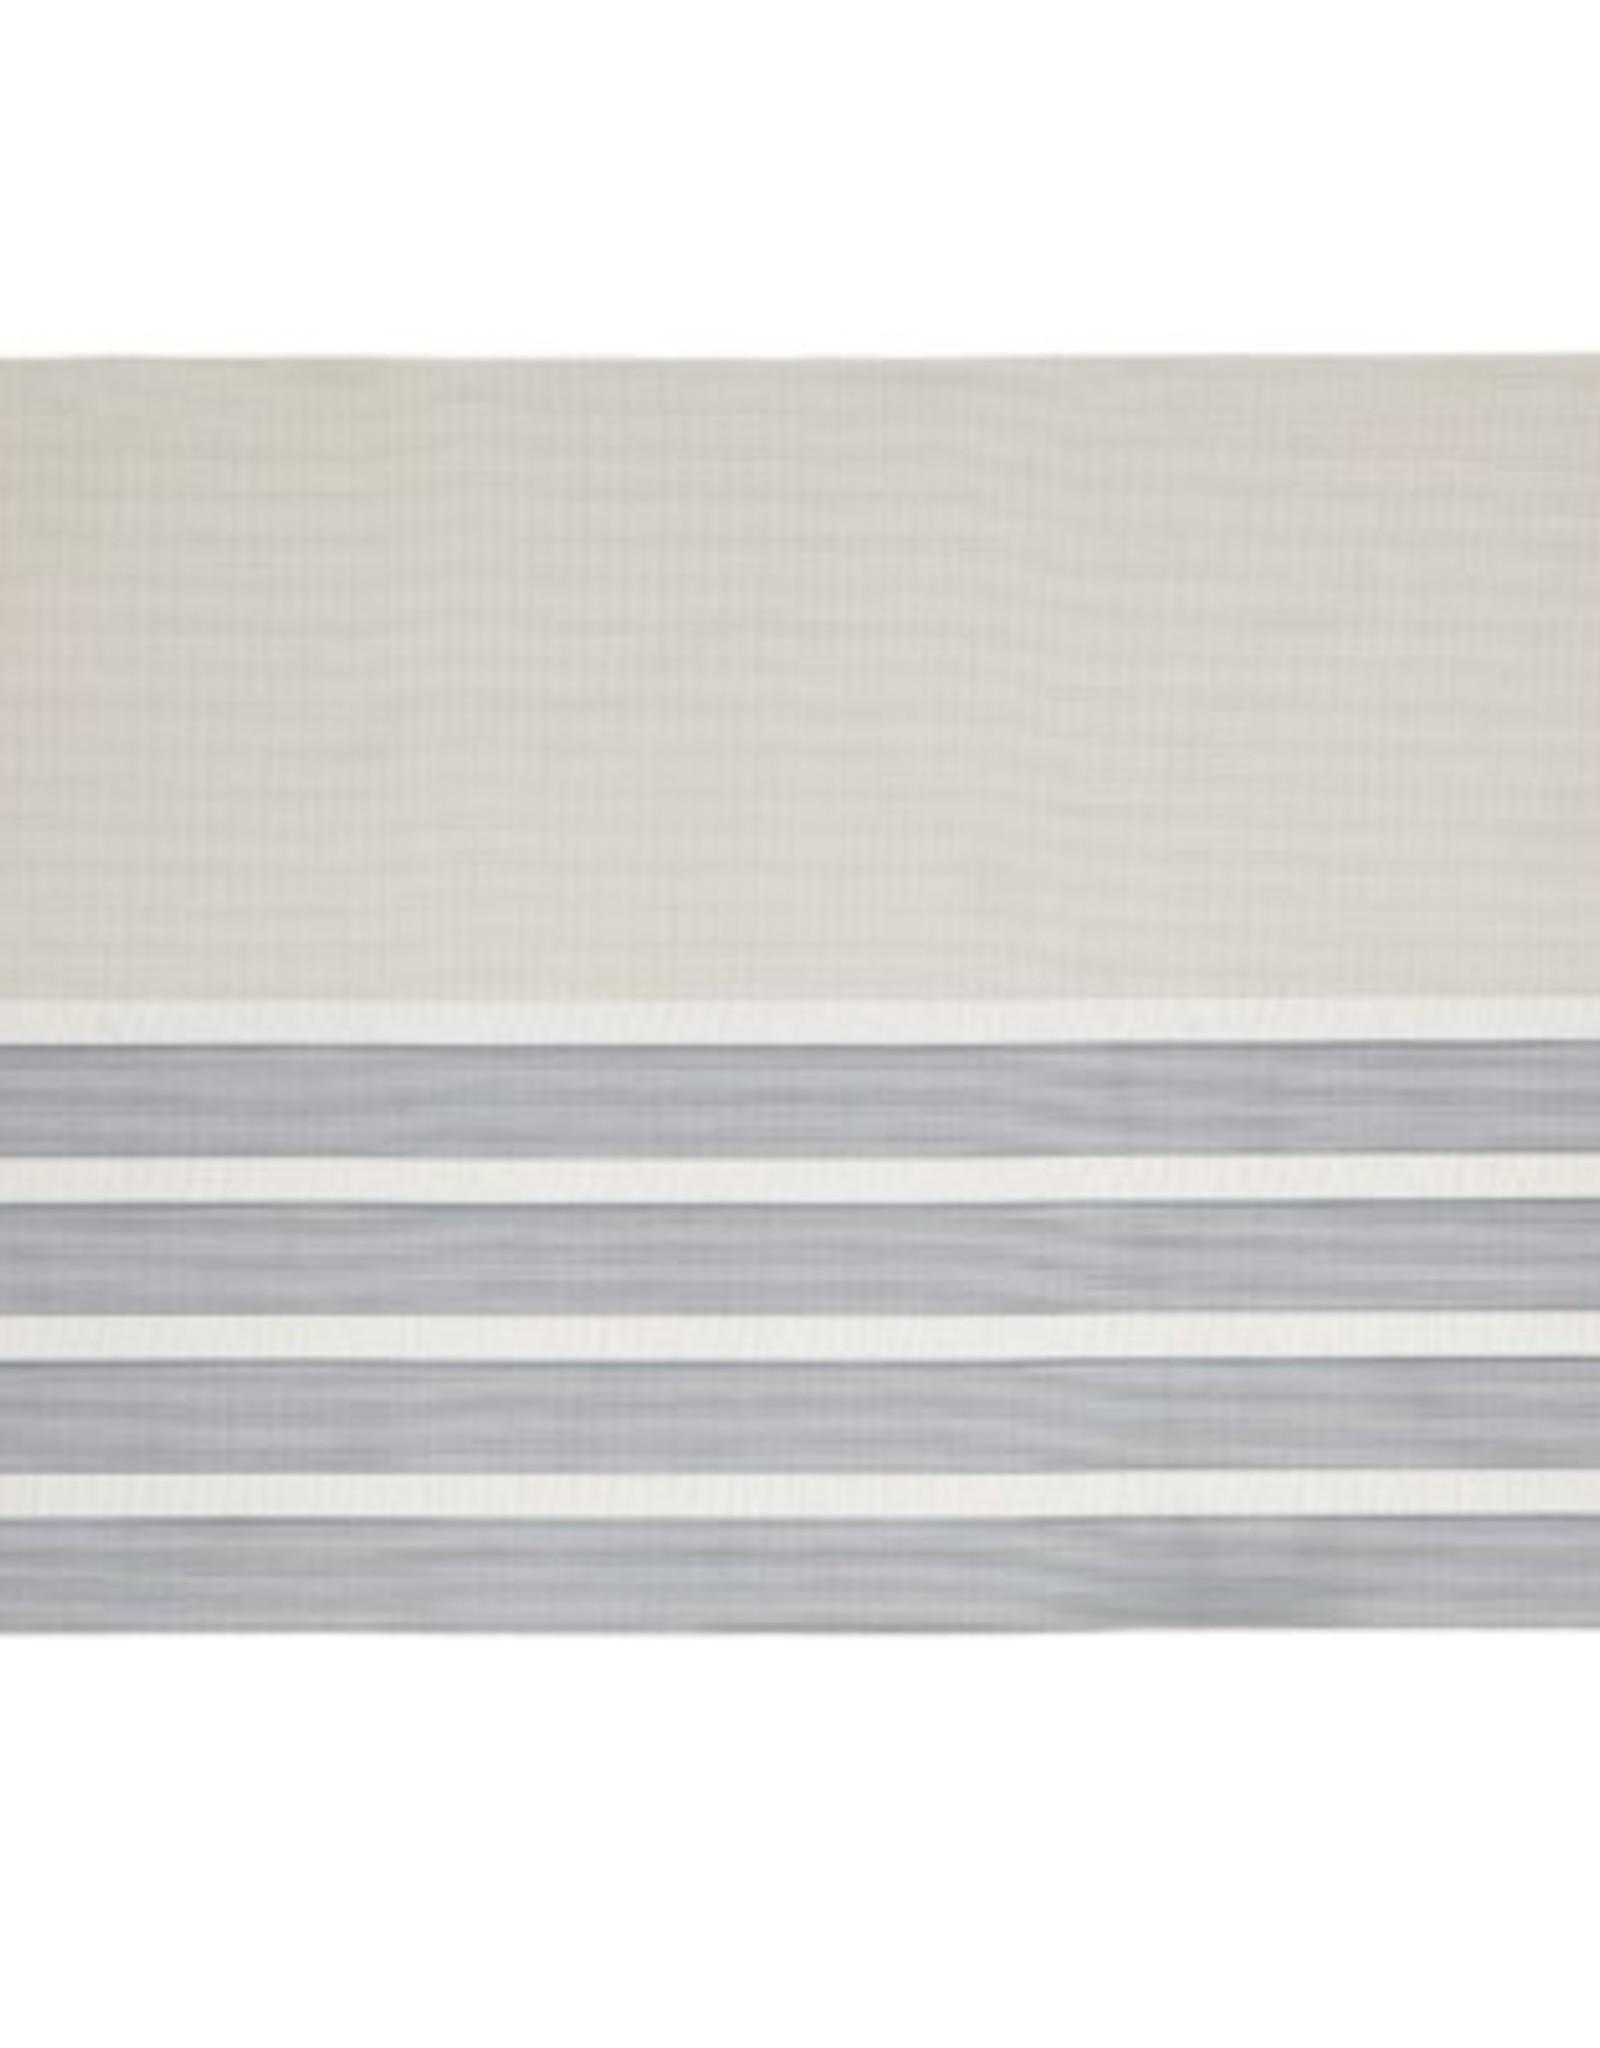 Placemat Harman Pacific Blue Stripe Vinyl